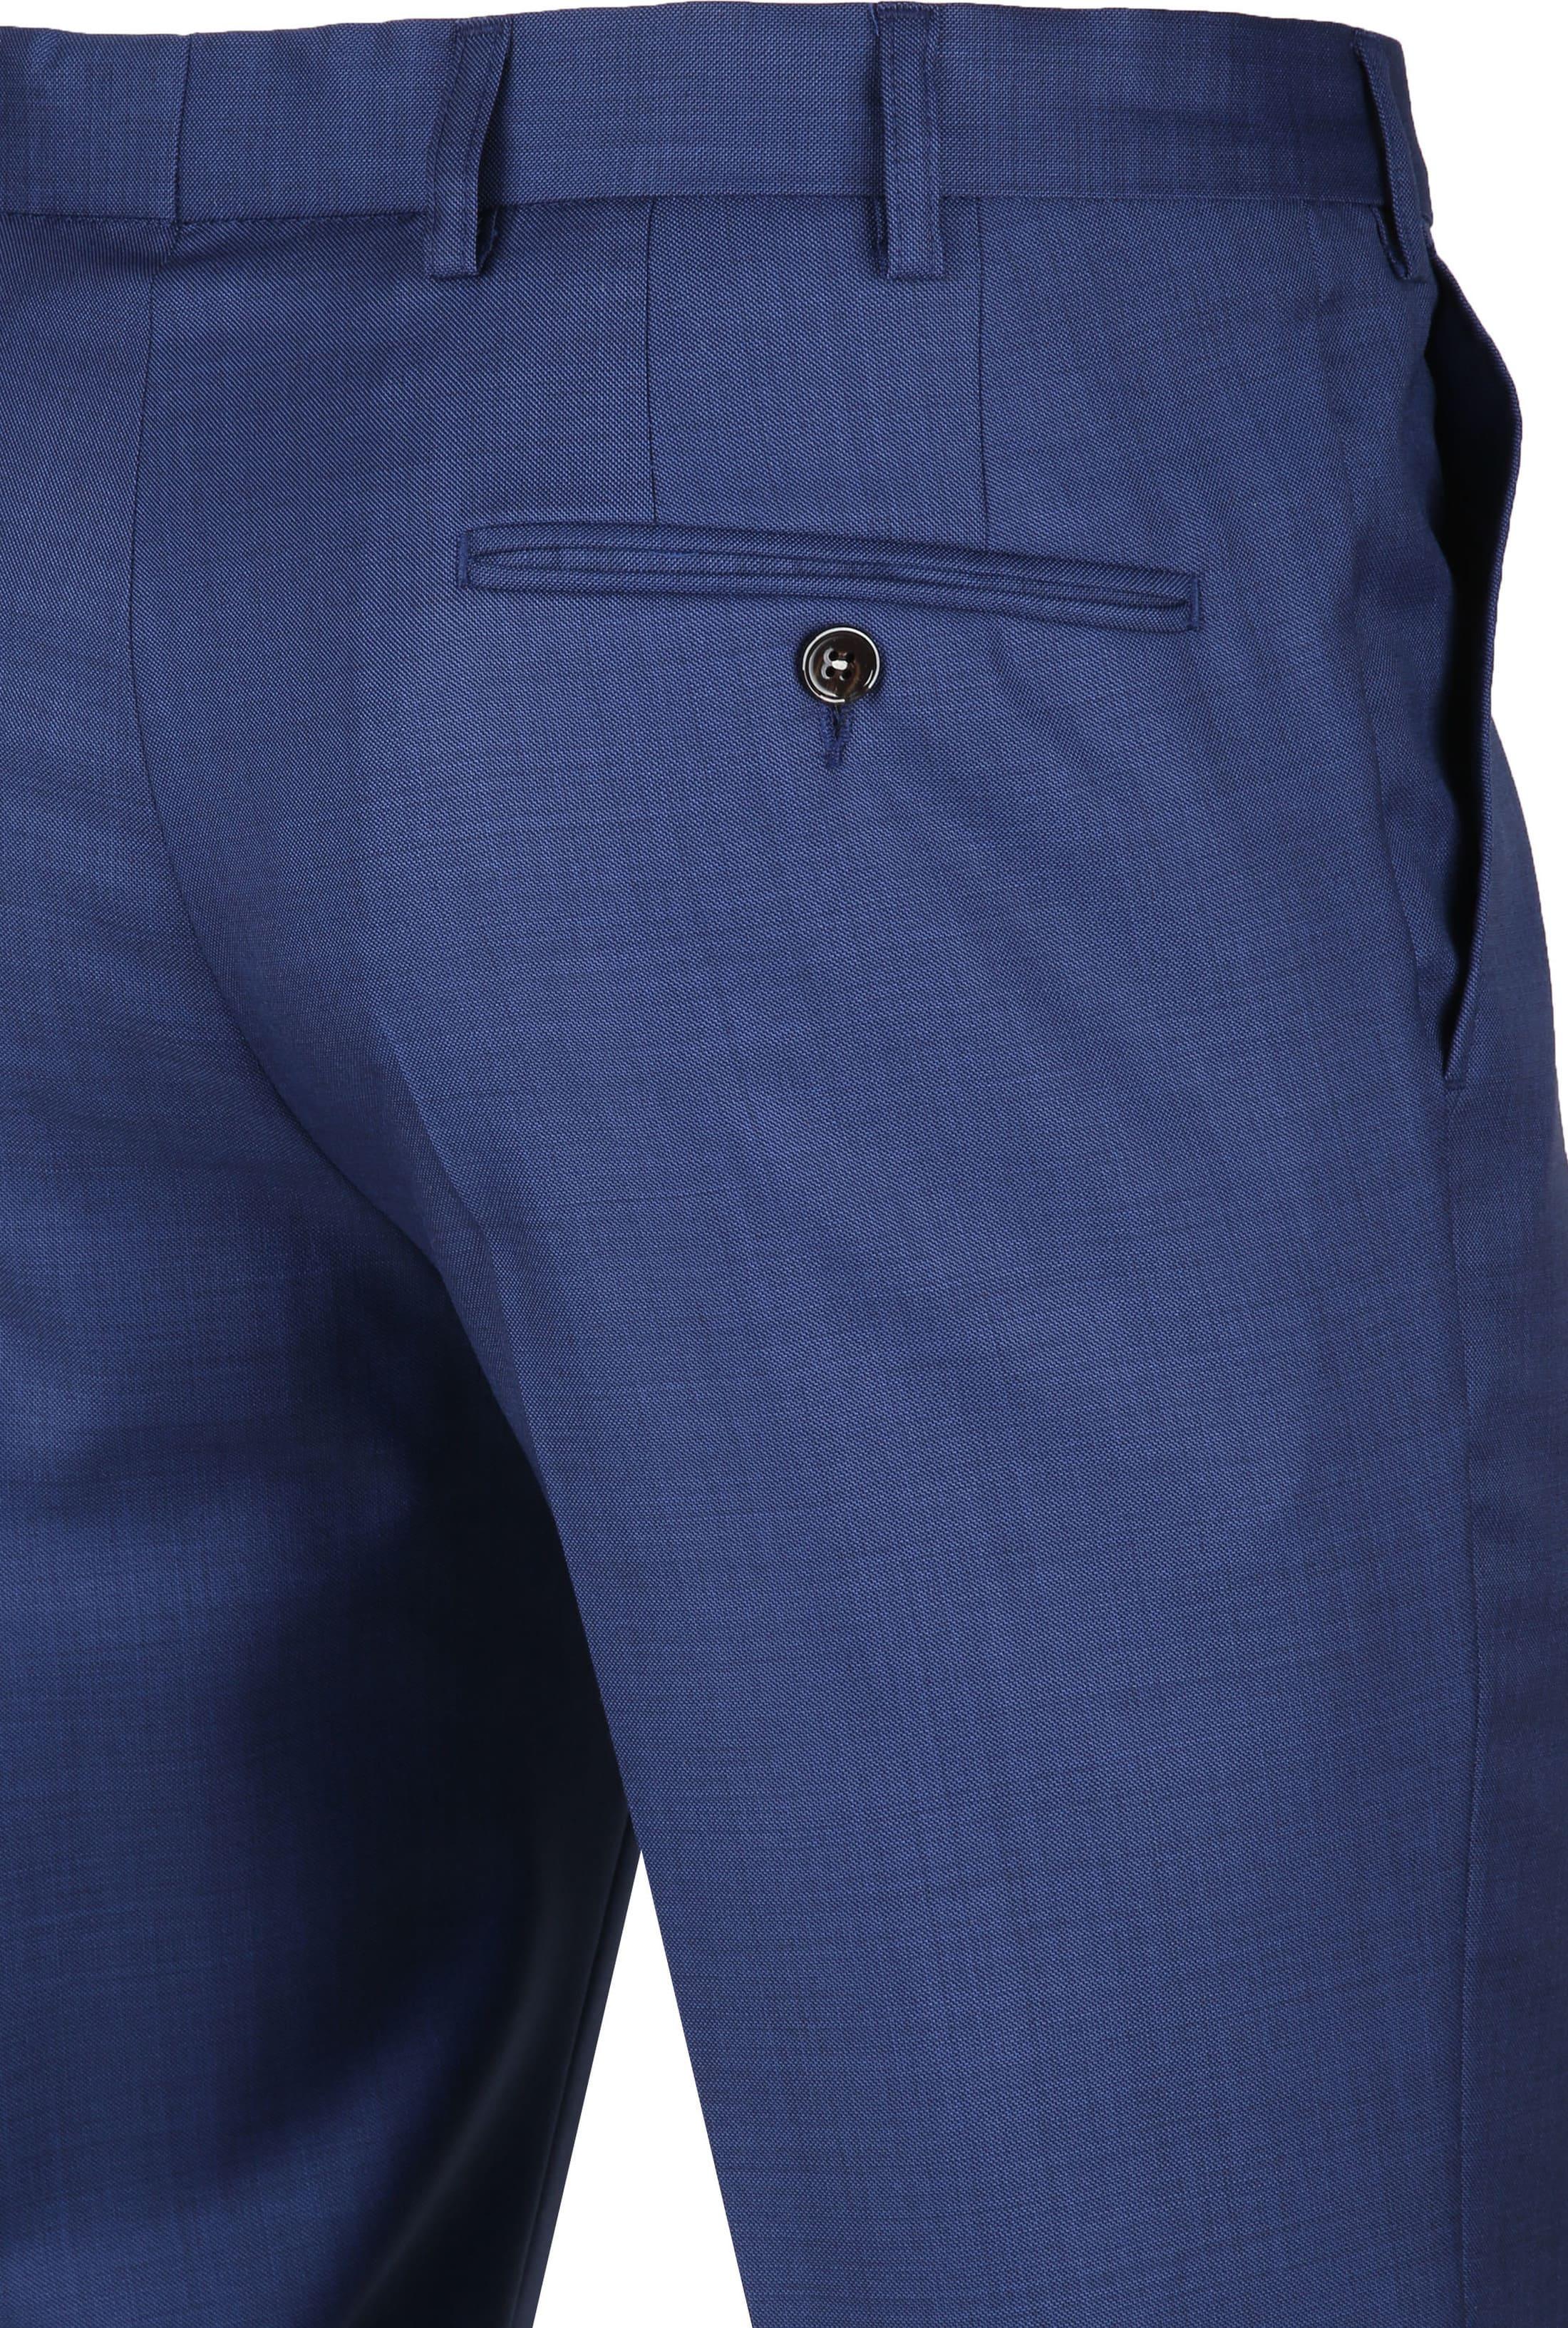 Suitable Pantalon Evans Blau Foto 2